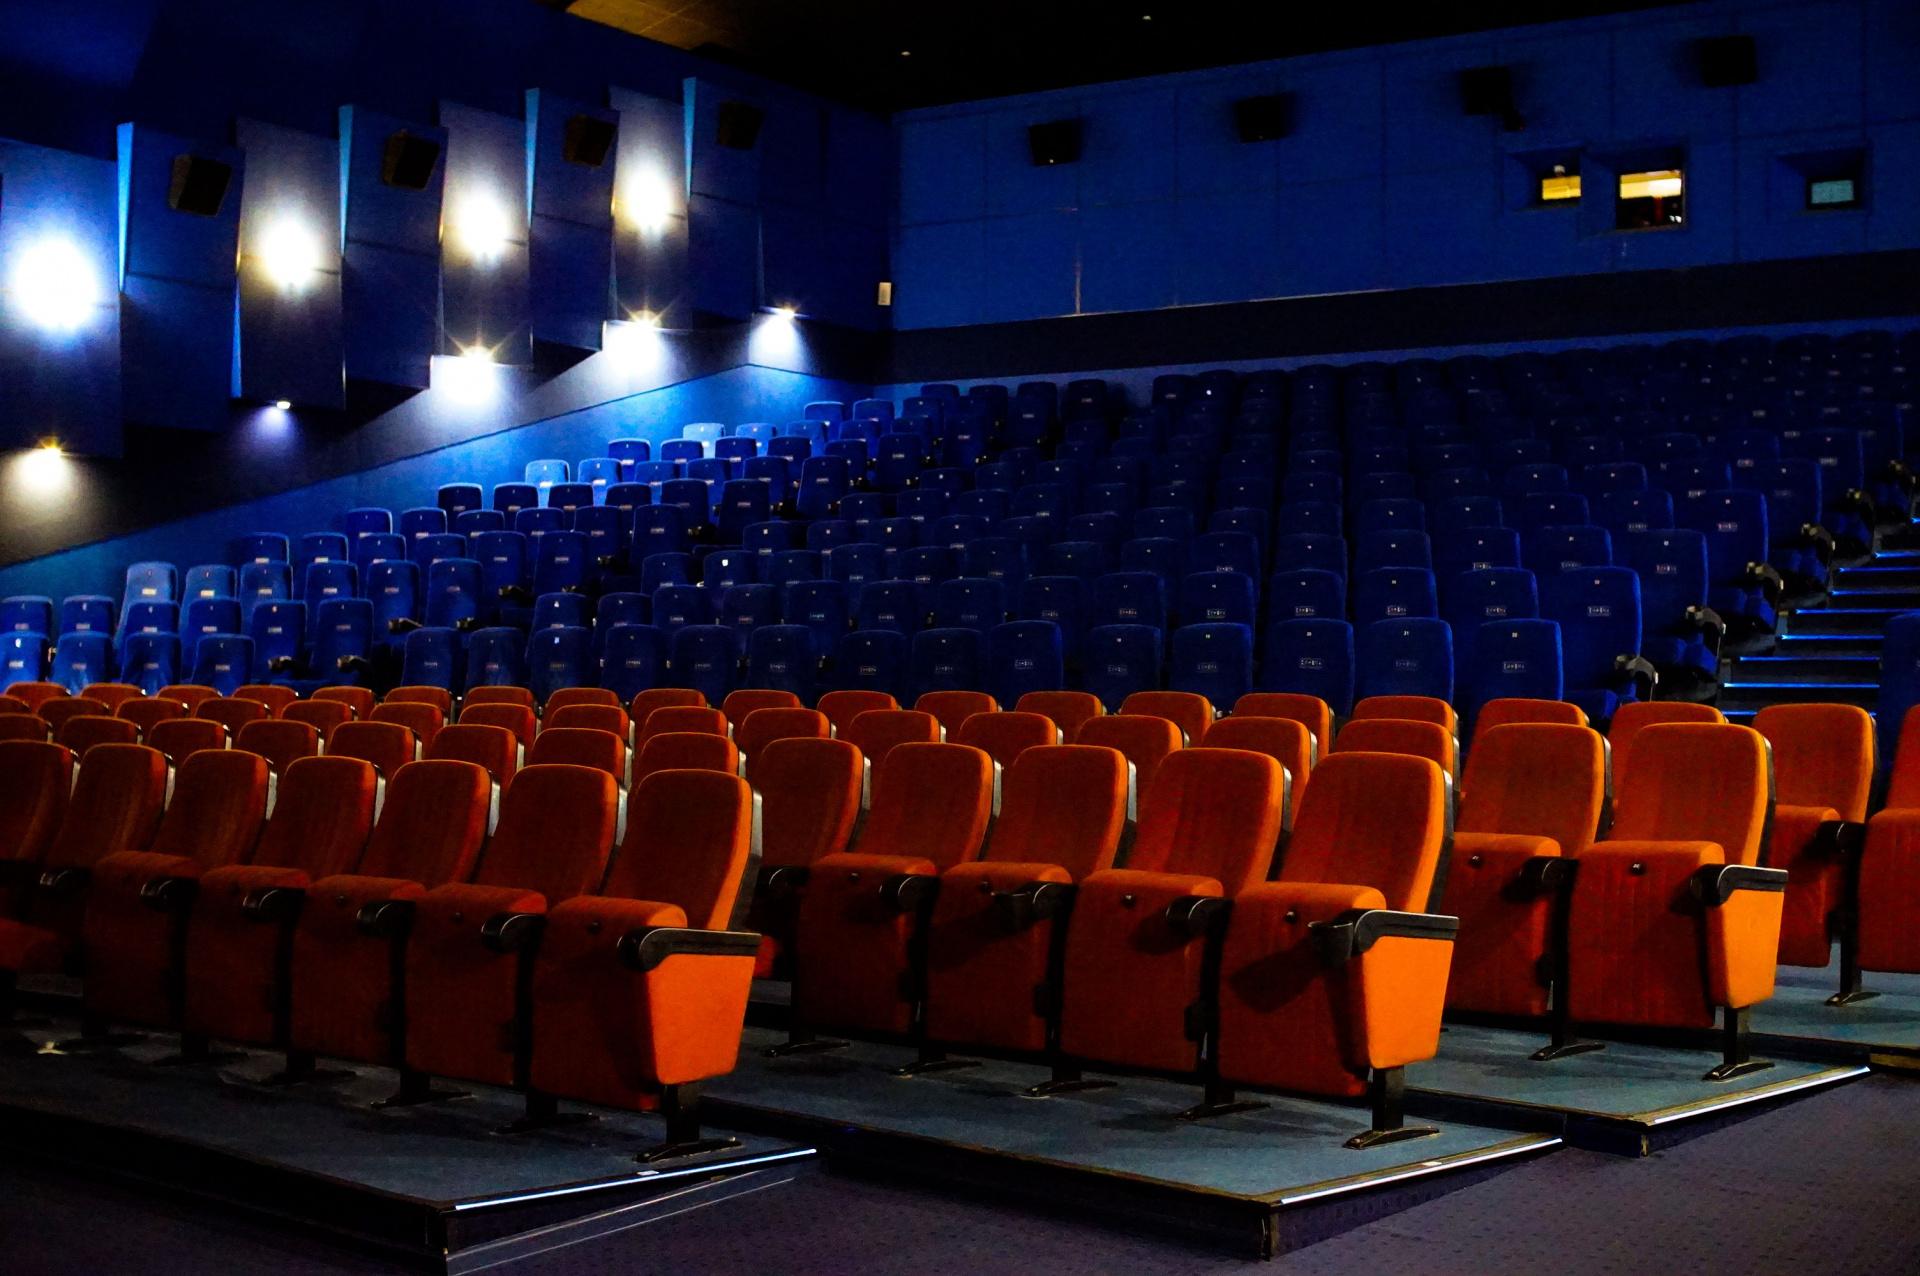 Российские кинотеатры могут закрыться снова